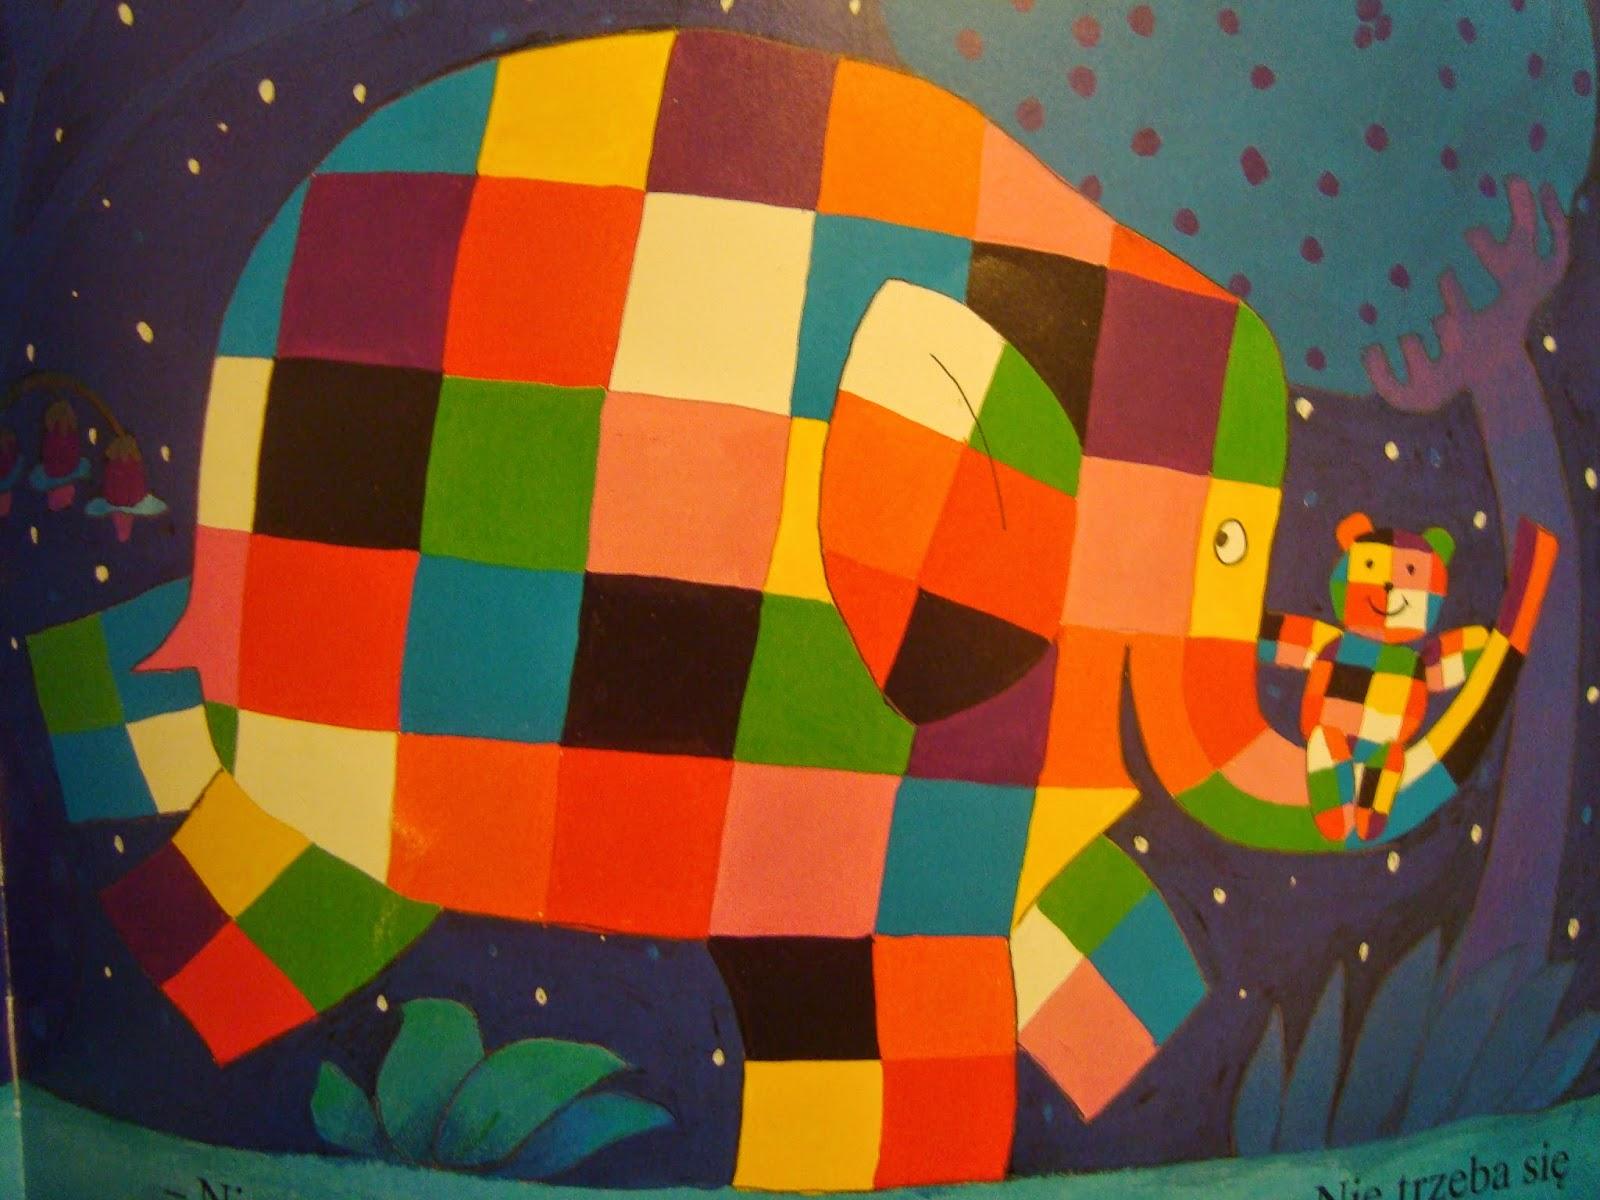 Elmer i zagubiony miś, recenzja, zdjęcia, papilon, McKee